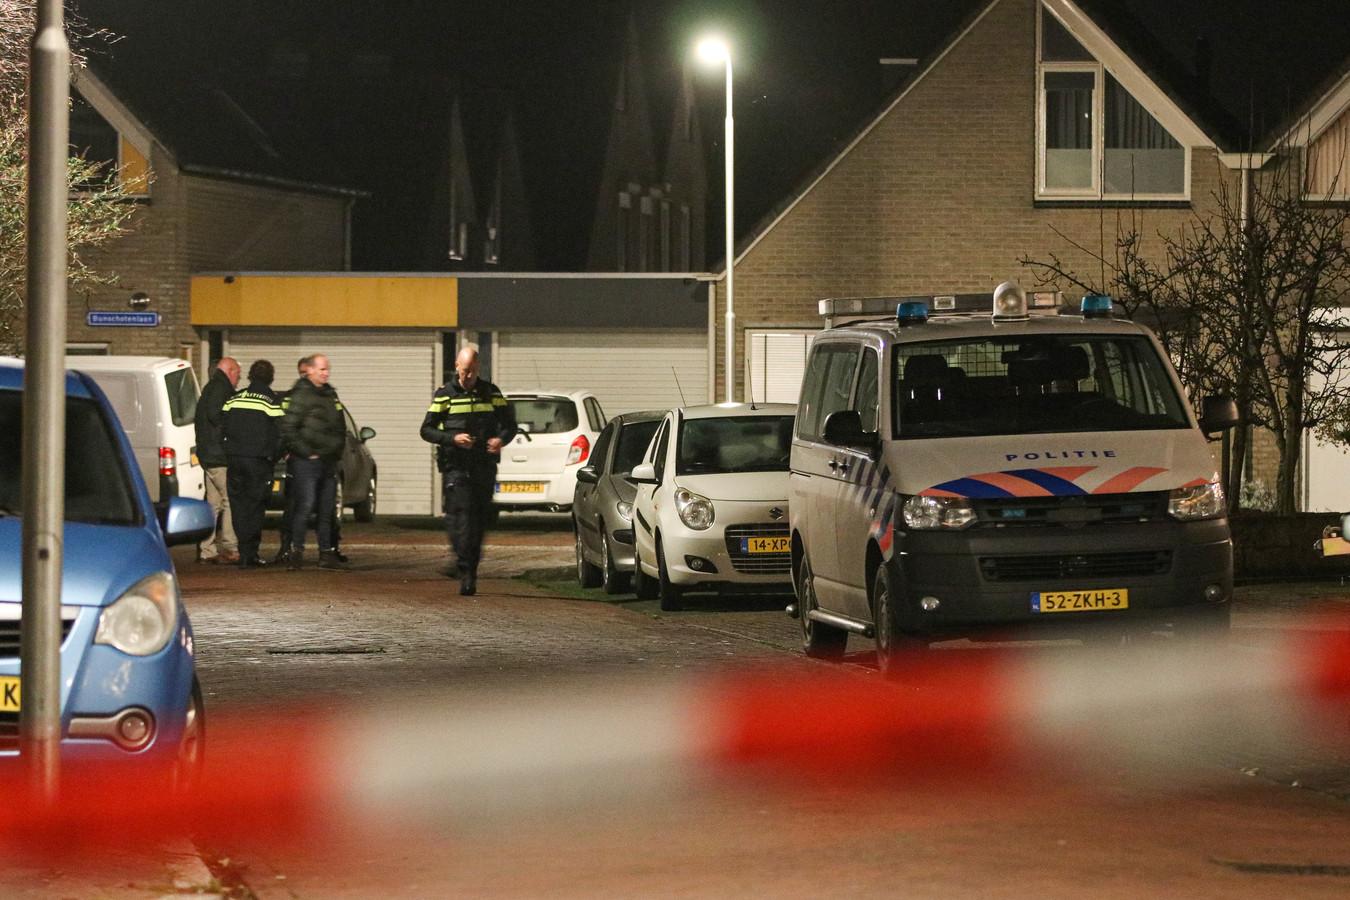 Na het schietincident op 22 december 2020 Aan de Bunschotenlaan in Emmeloord deed de politie forensisch onderzoek.